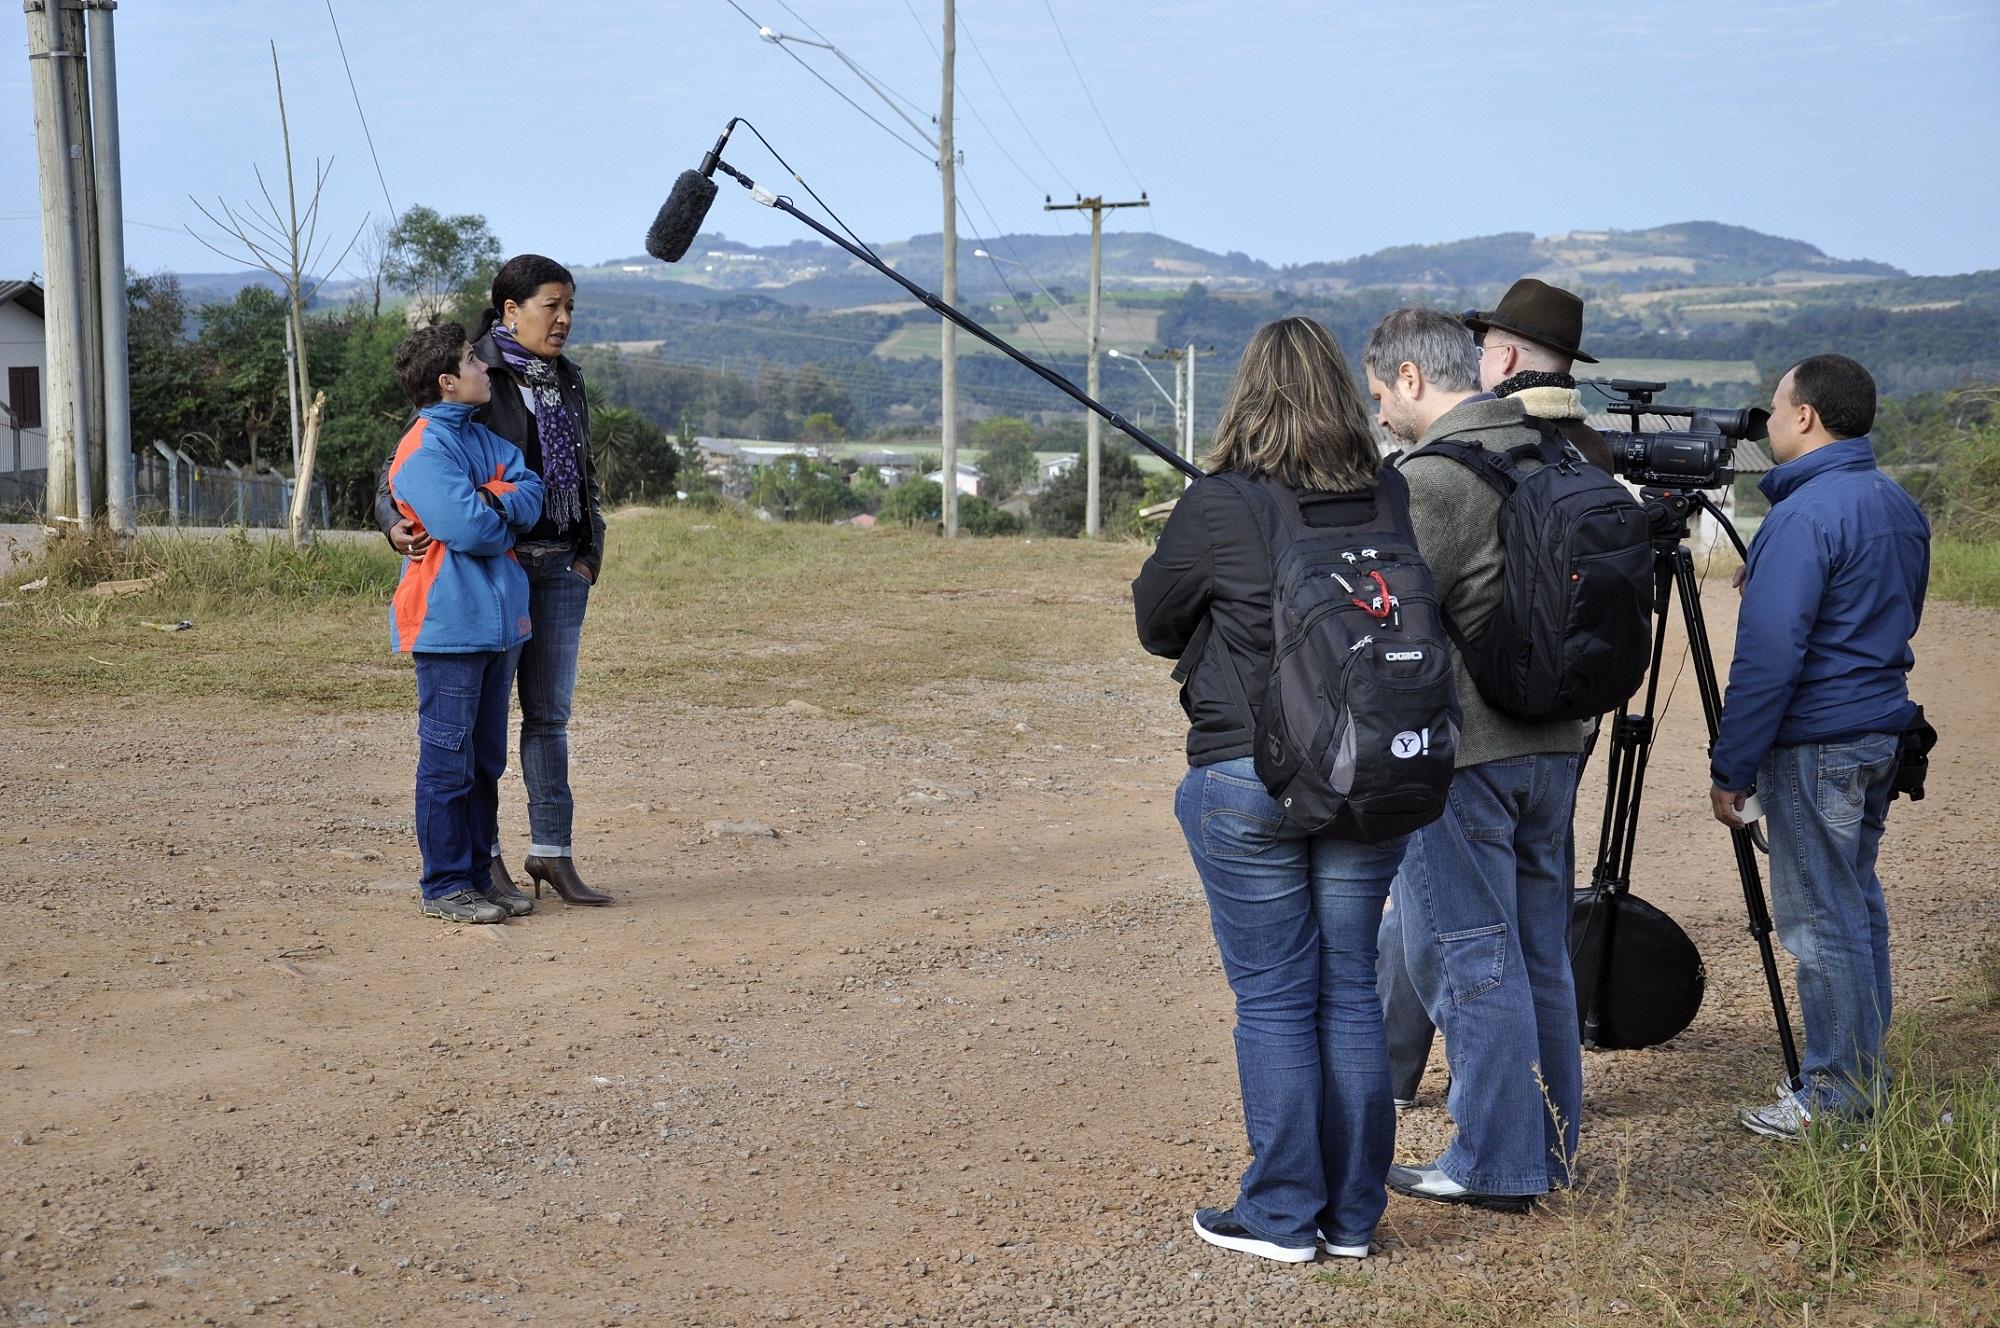 A céu aberto, em estrada de terra, equipe de gravação com câmera, microfone e mochilas está posicionada em pé e de costas, no canto direito da foto. Ao lado esquerdo da imagem, posicionados à frente da equipe, mãe contorna seu braço nas costas de seu filho, que de braços cruzados a observa.